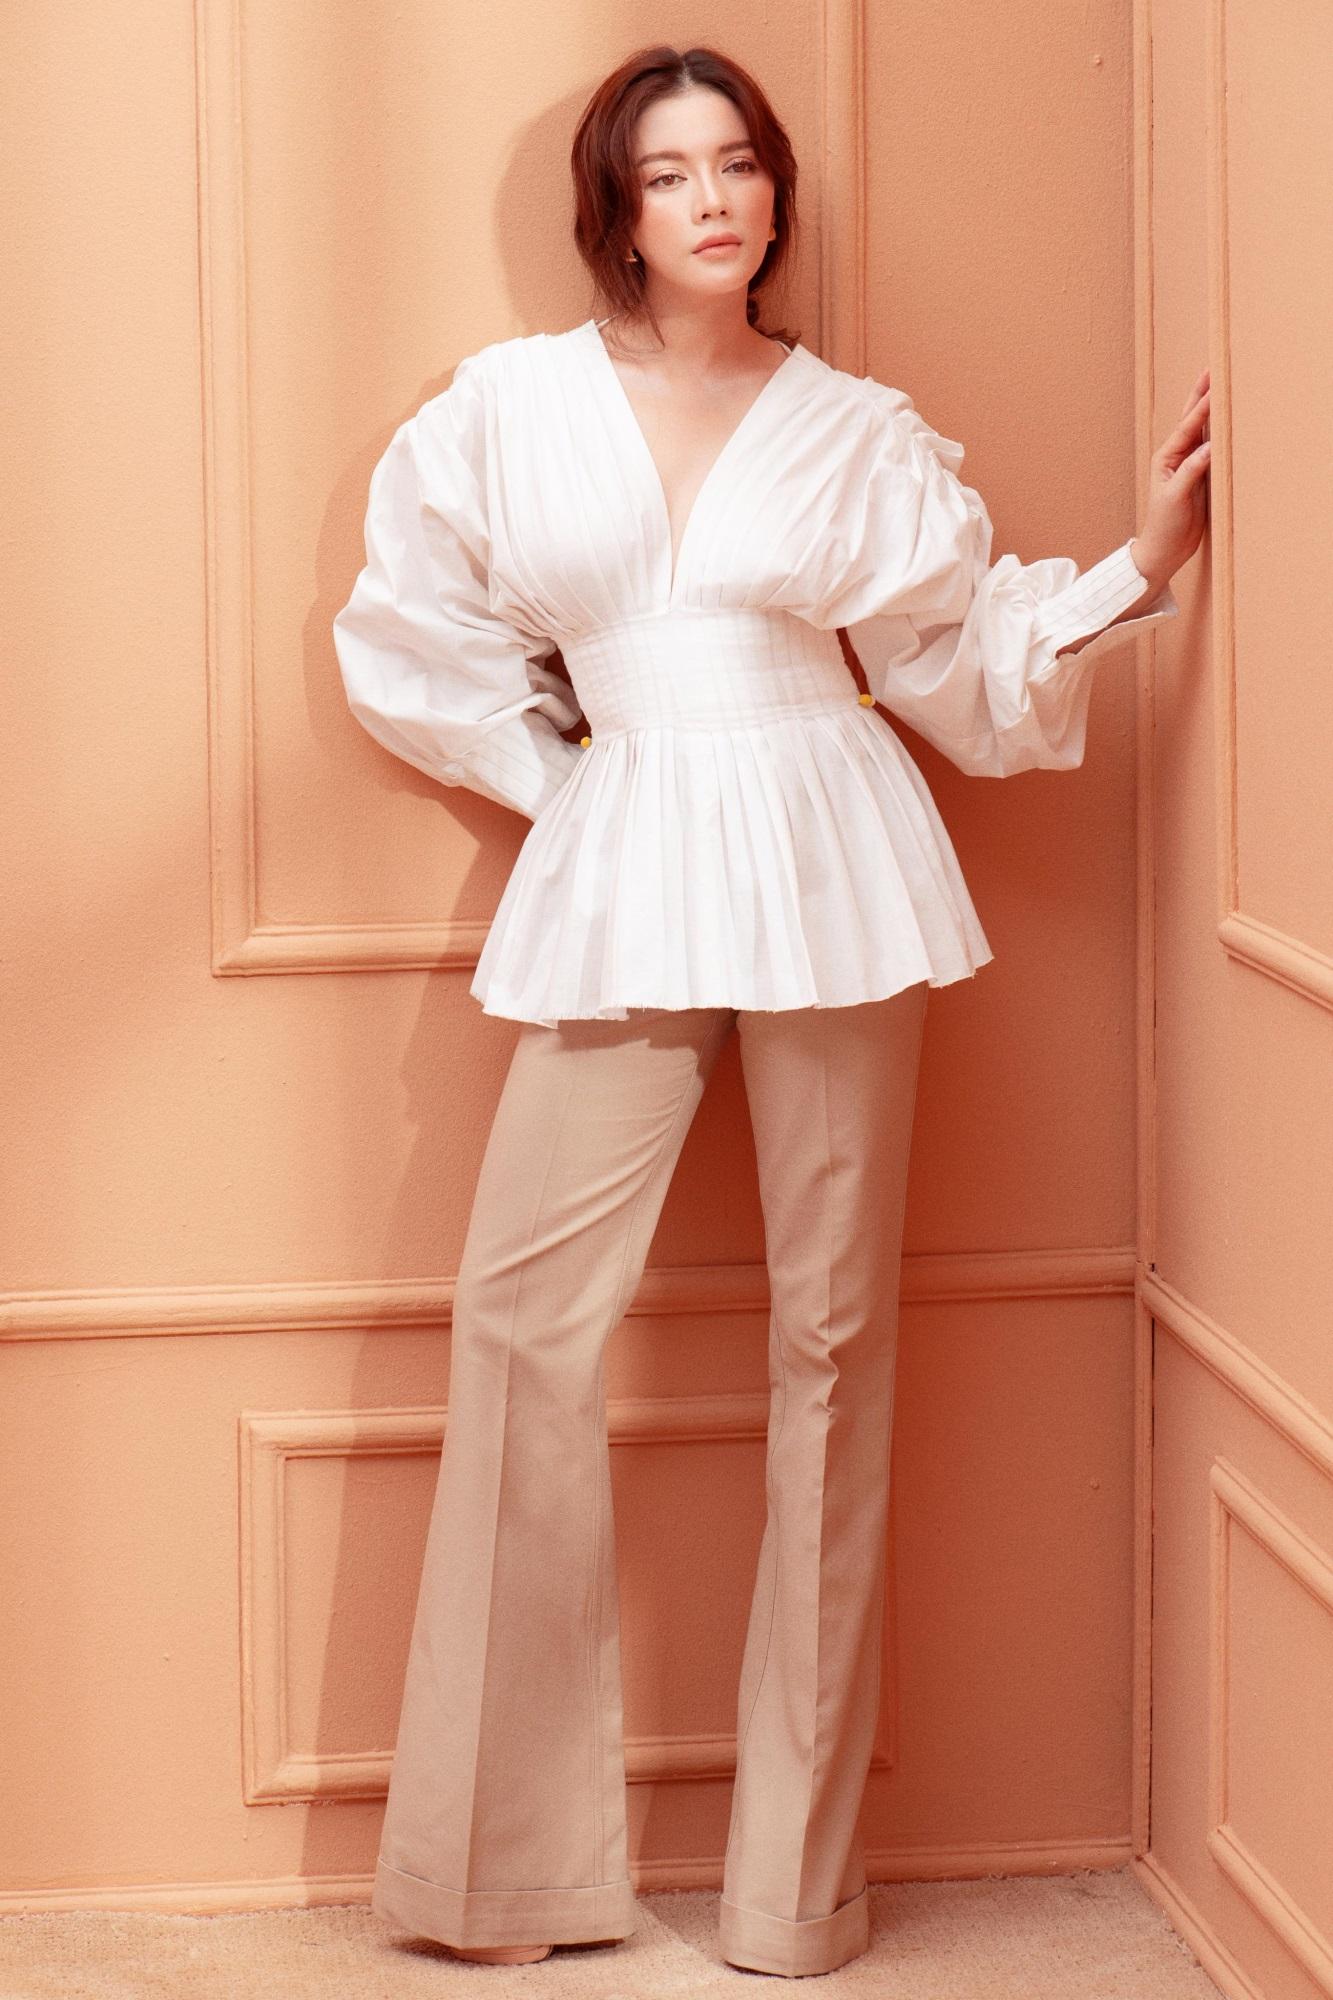 'Nữ hoàng kim cương' Lý Nhã Kỳ khiến fan mê mệt khi diện trang phục xẻ ngực gợi cảm - Ảnh 2